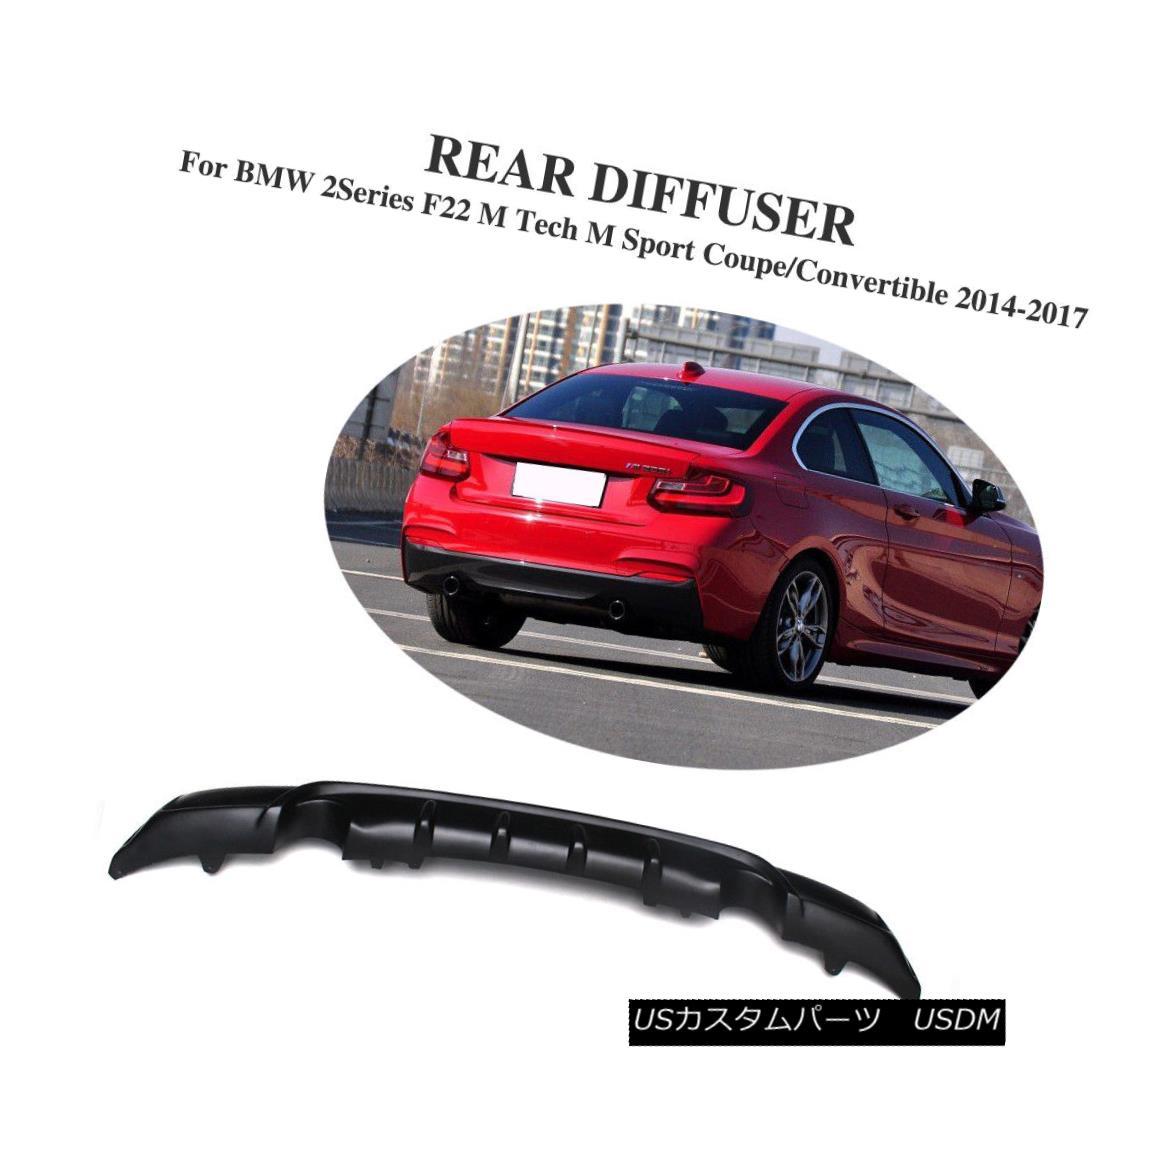 エアロパーツ Unpainted Black Rear Bumper Diffuser for BMW 2Series F22 M Tech 2Door 14-17 未塗装のブラックリアバンパーディフューザー、BMW 2シリーズF22 M Tech 2Door 14-17